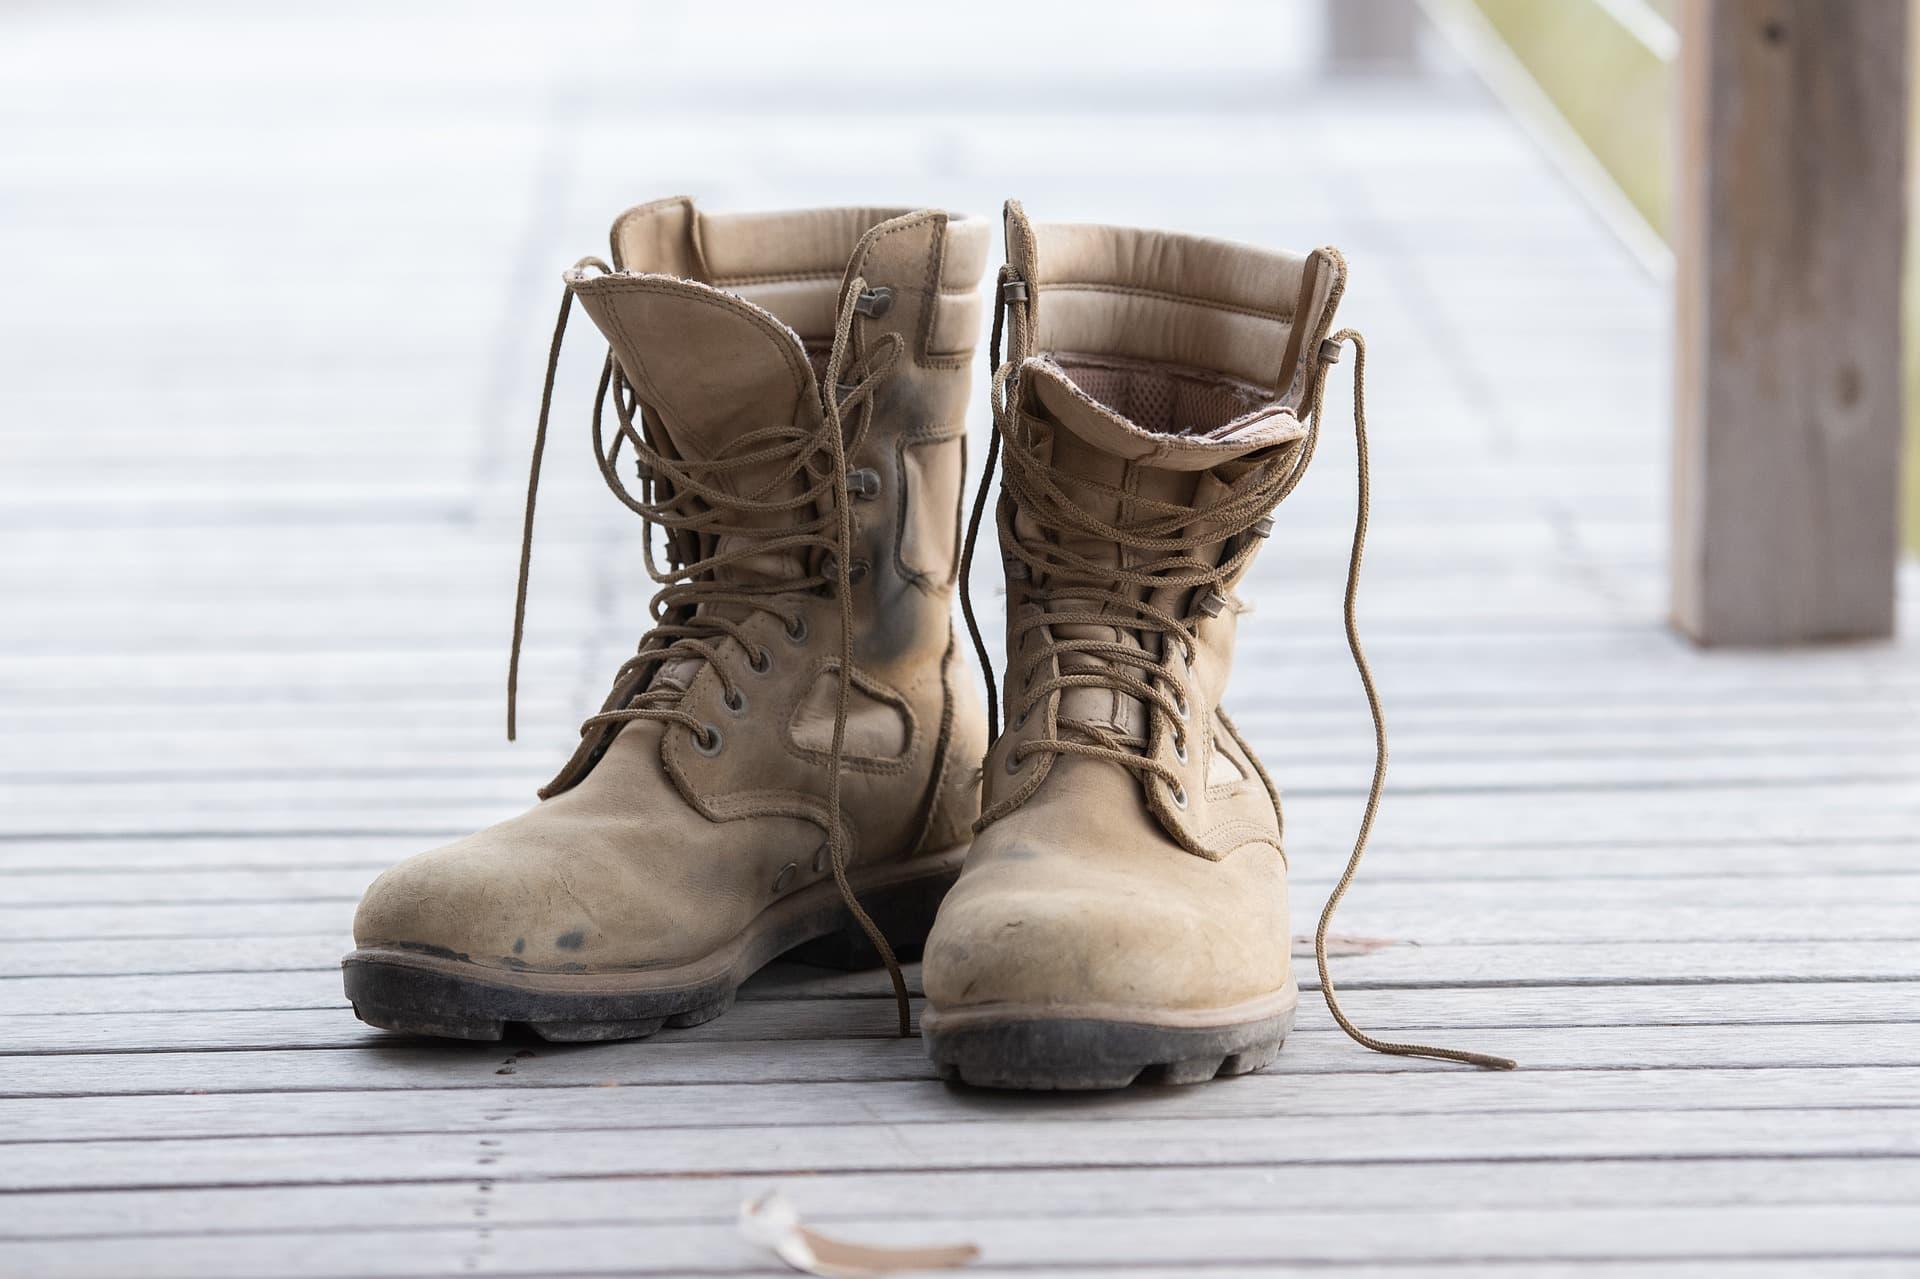 Thorogood Boots Sizing